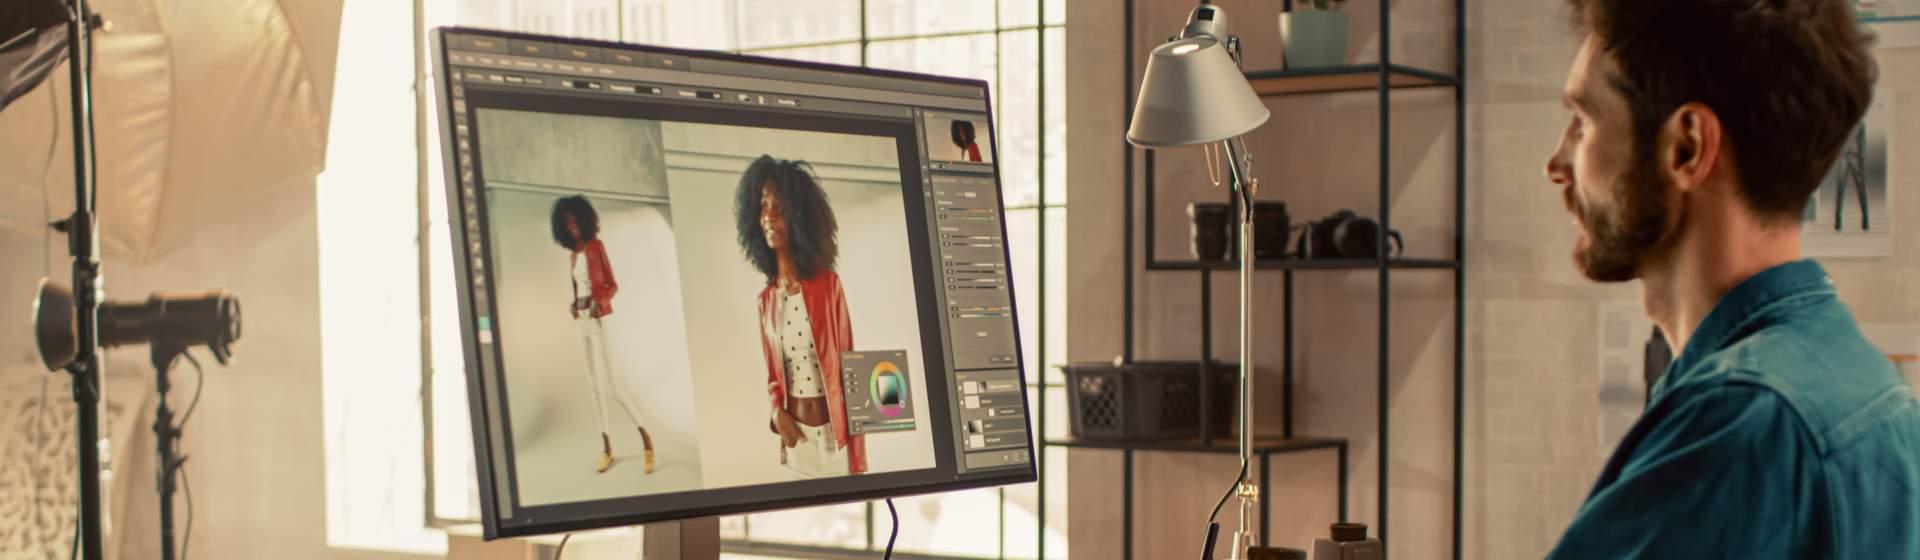 Photopea: como usar o editor de fotos grátis online